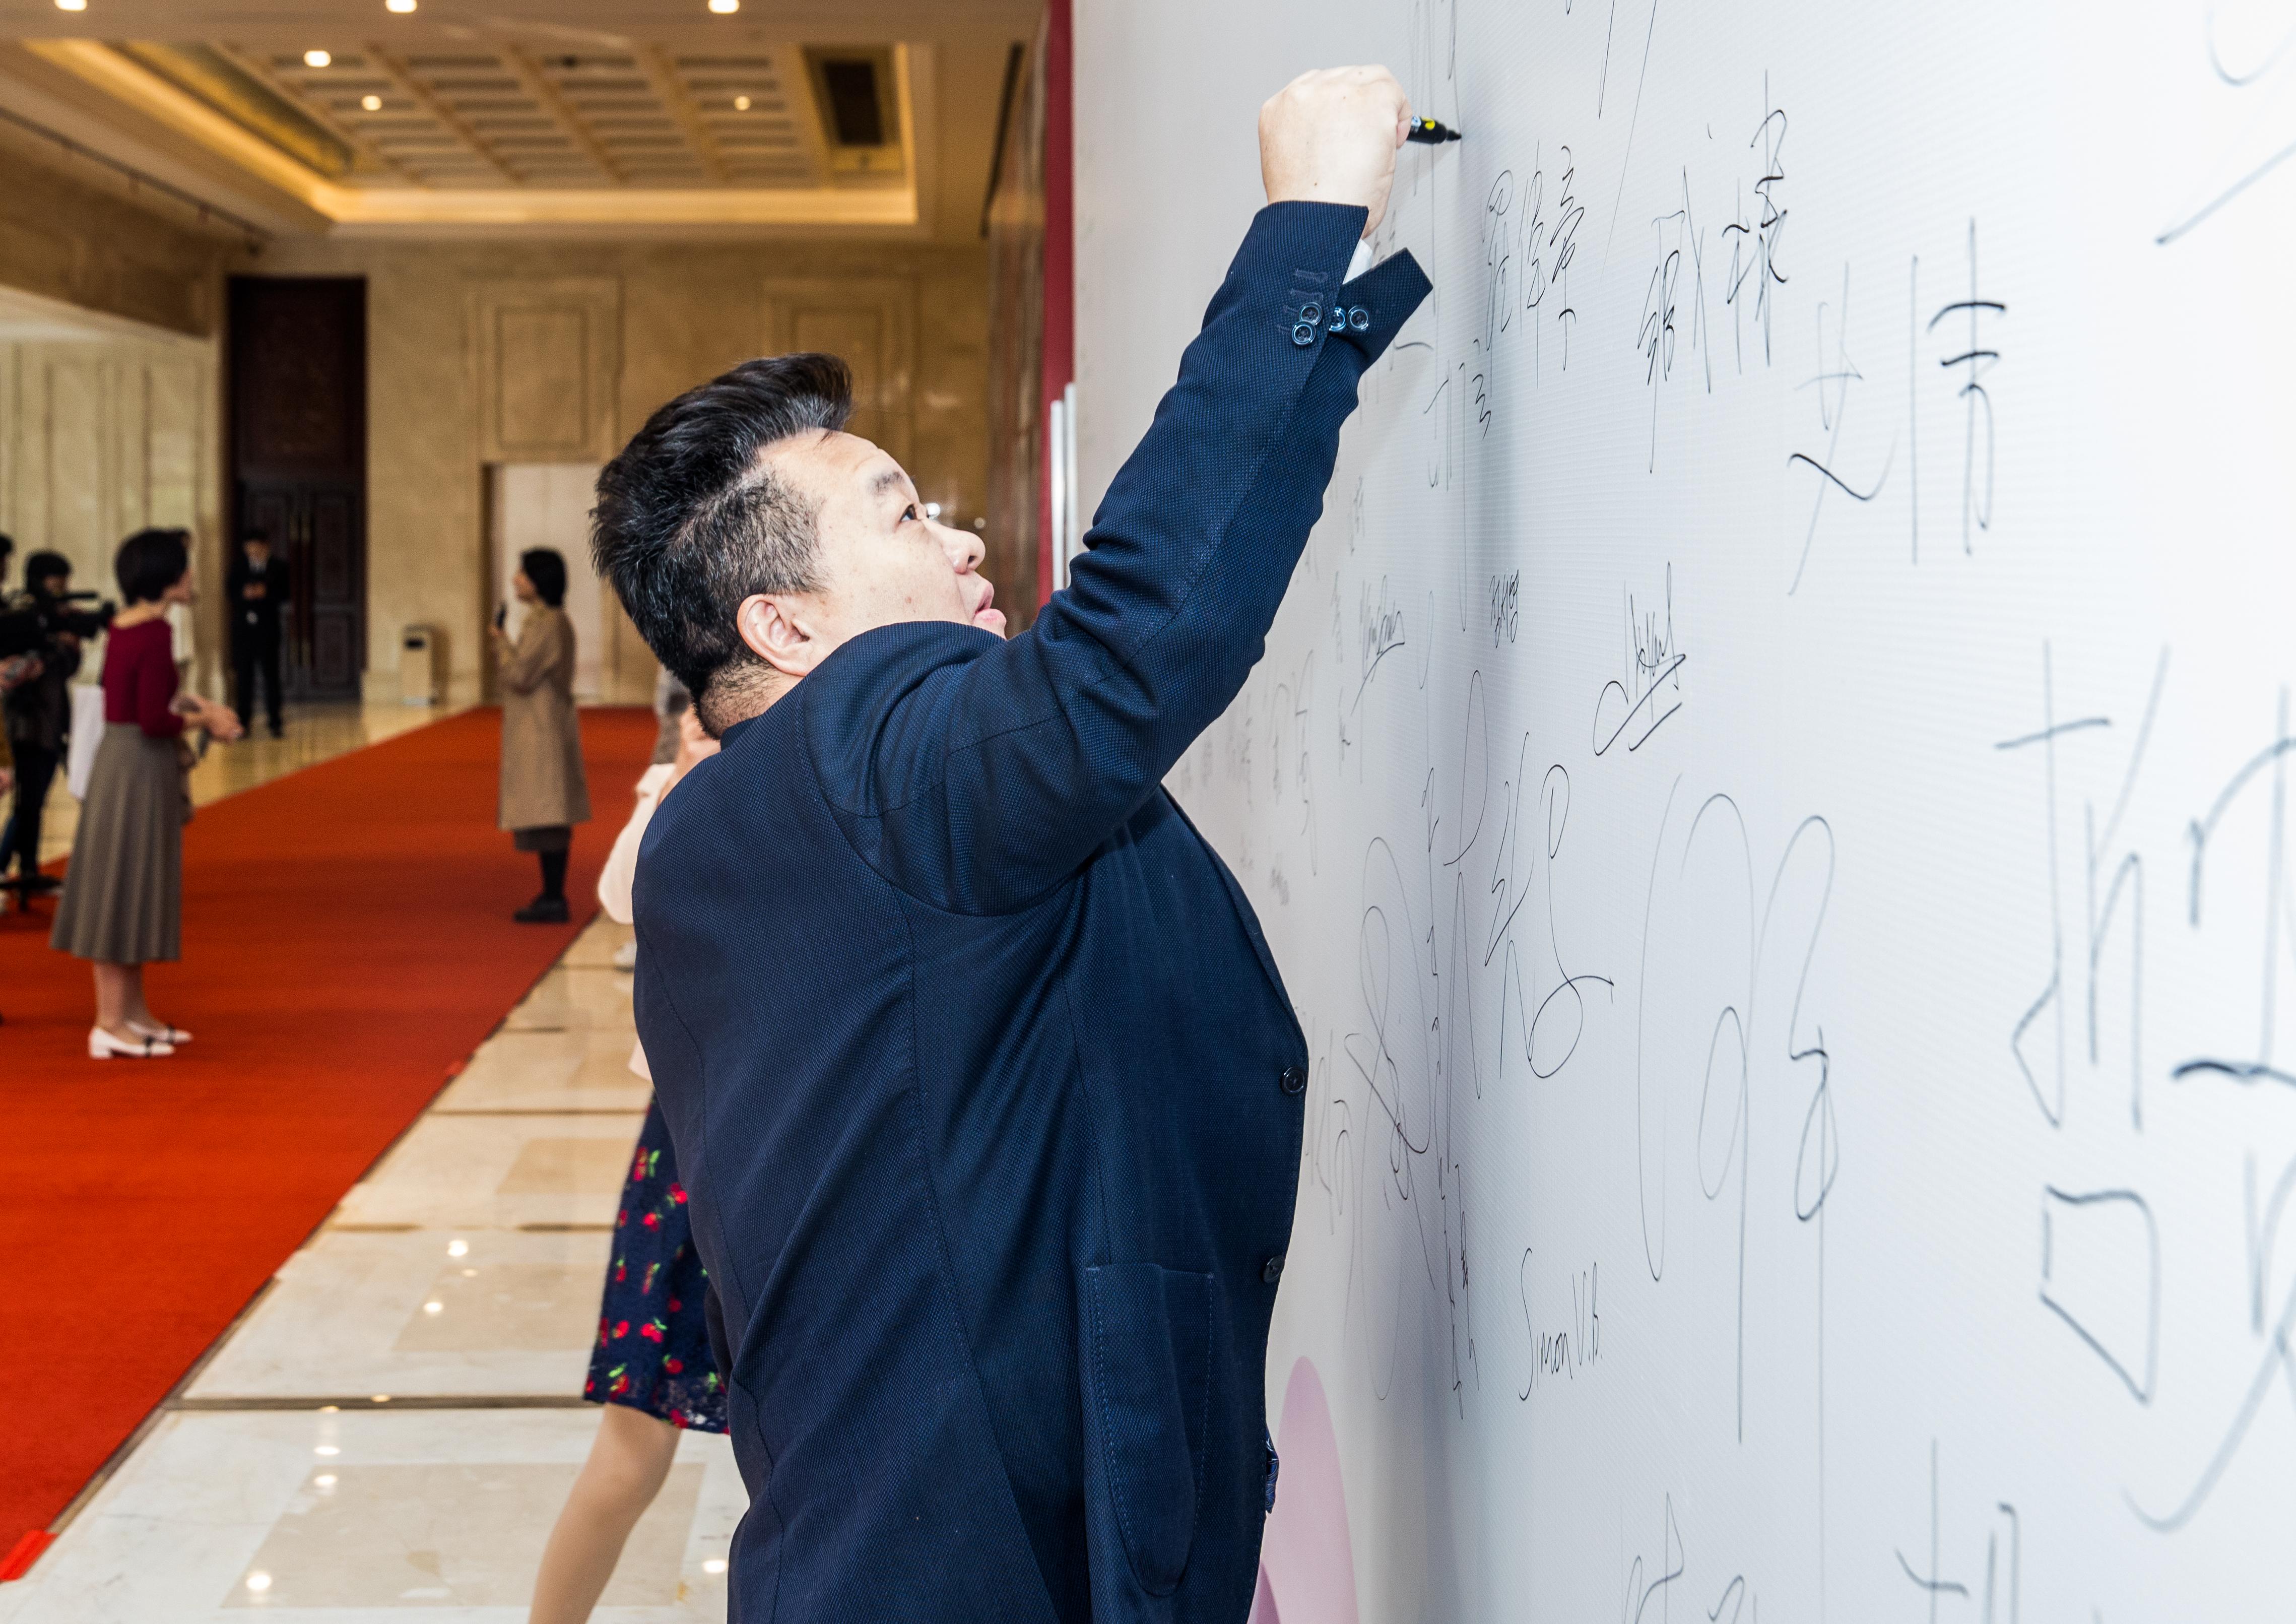 邱華棟在簽名墻上簽字